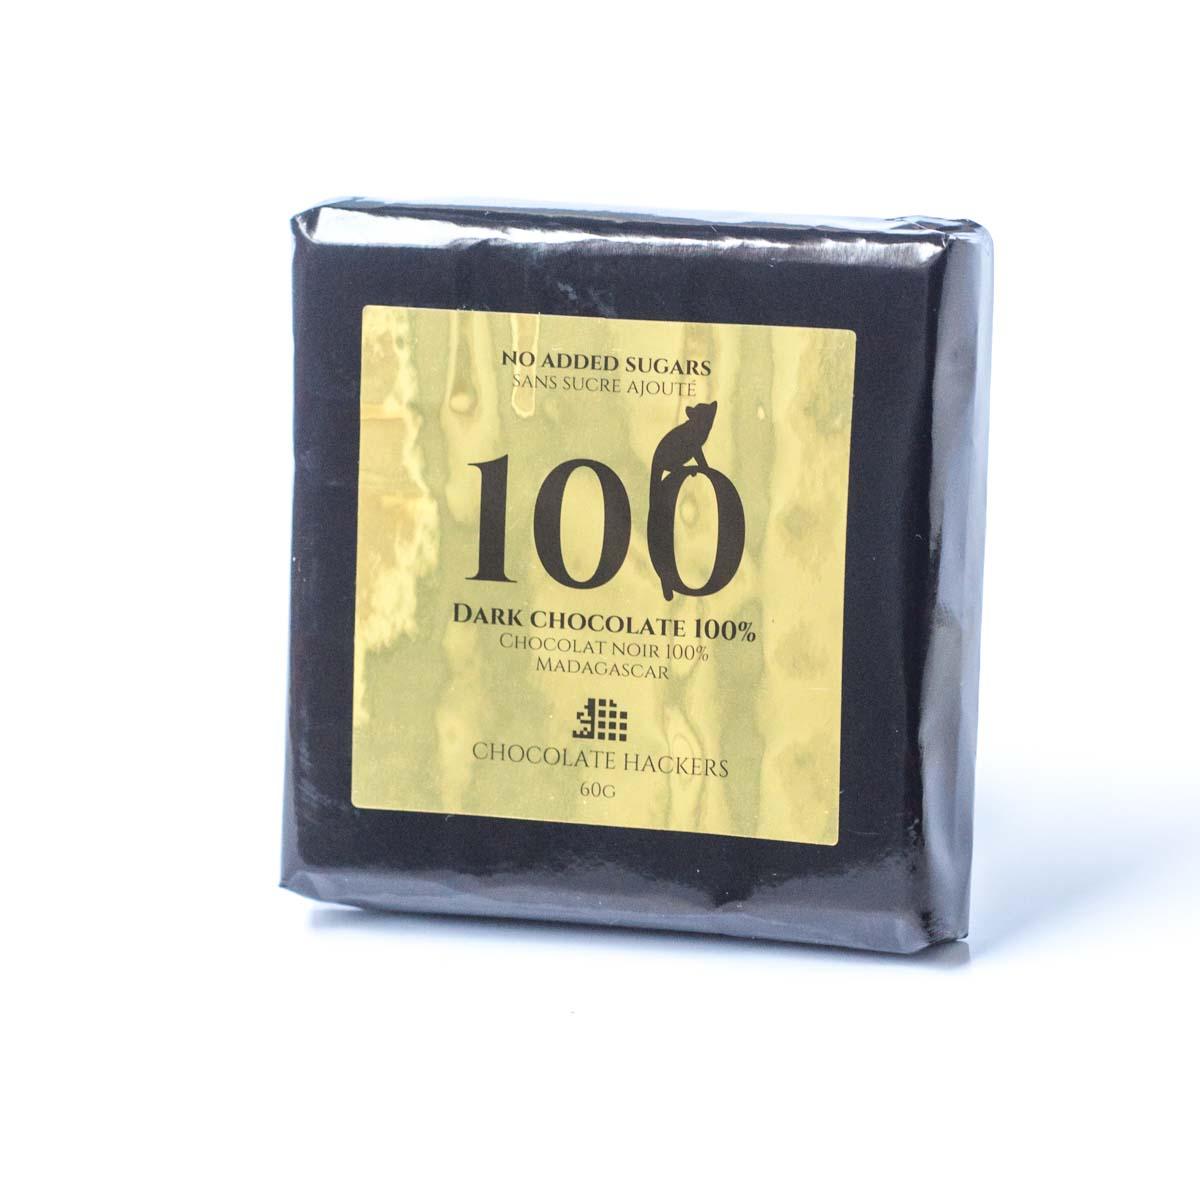 Dark chocolate 100%